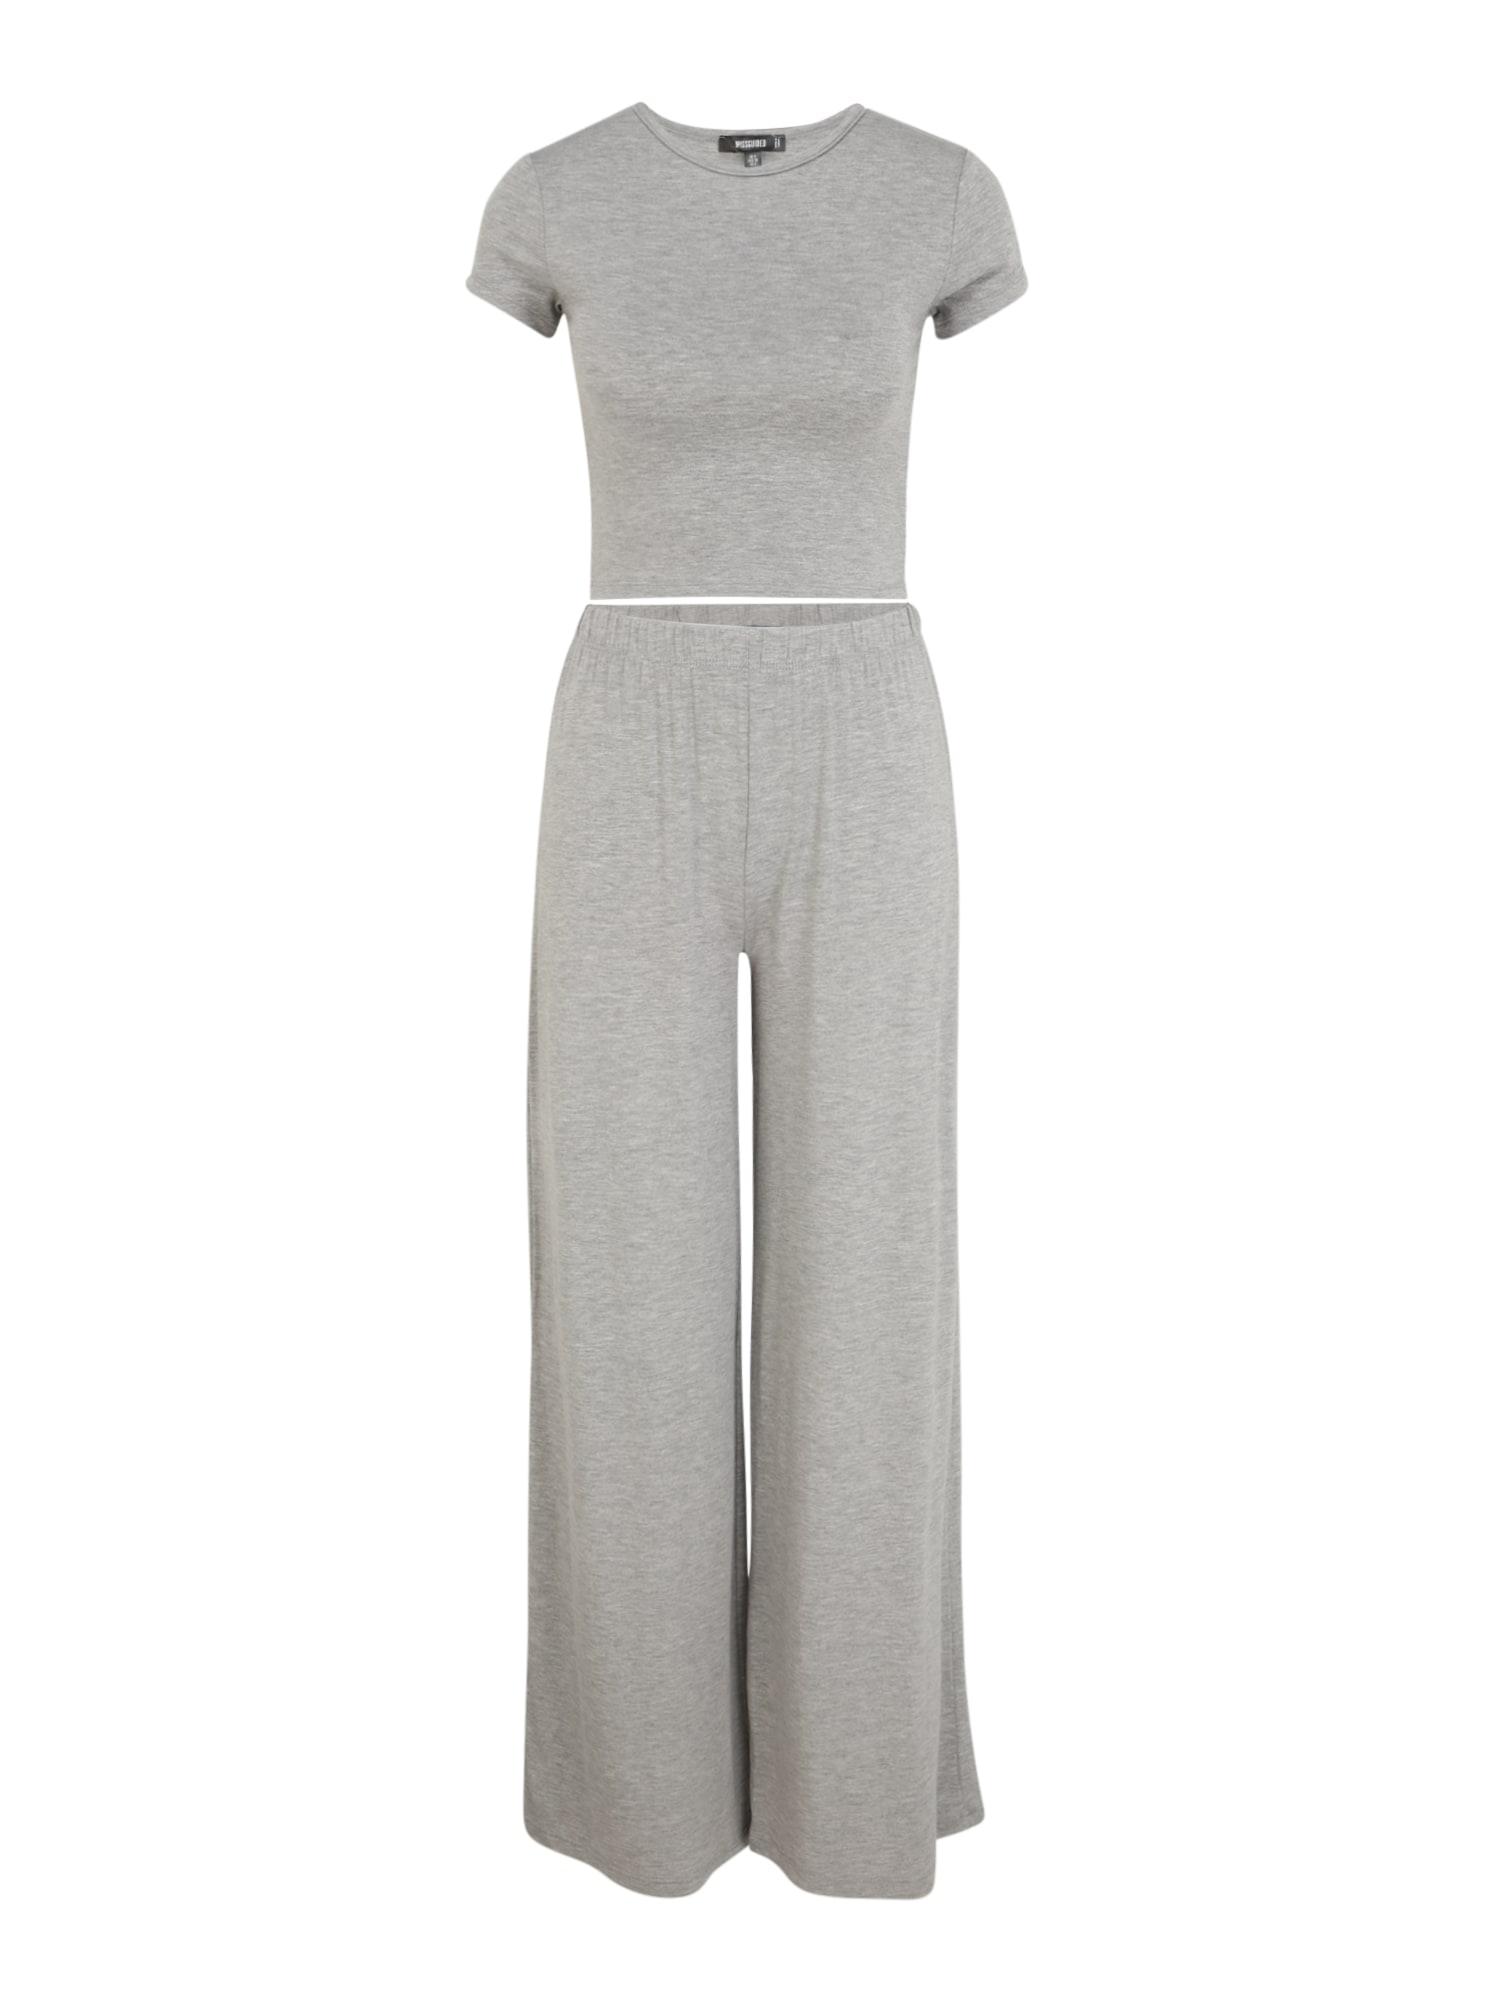 Missguided (Tall) Pižama margai pilka